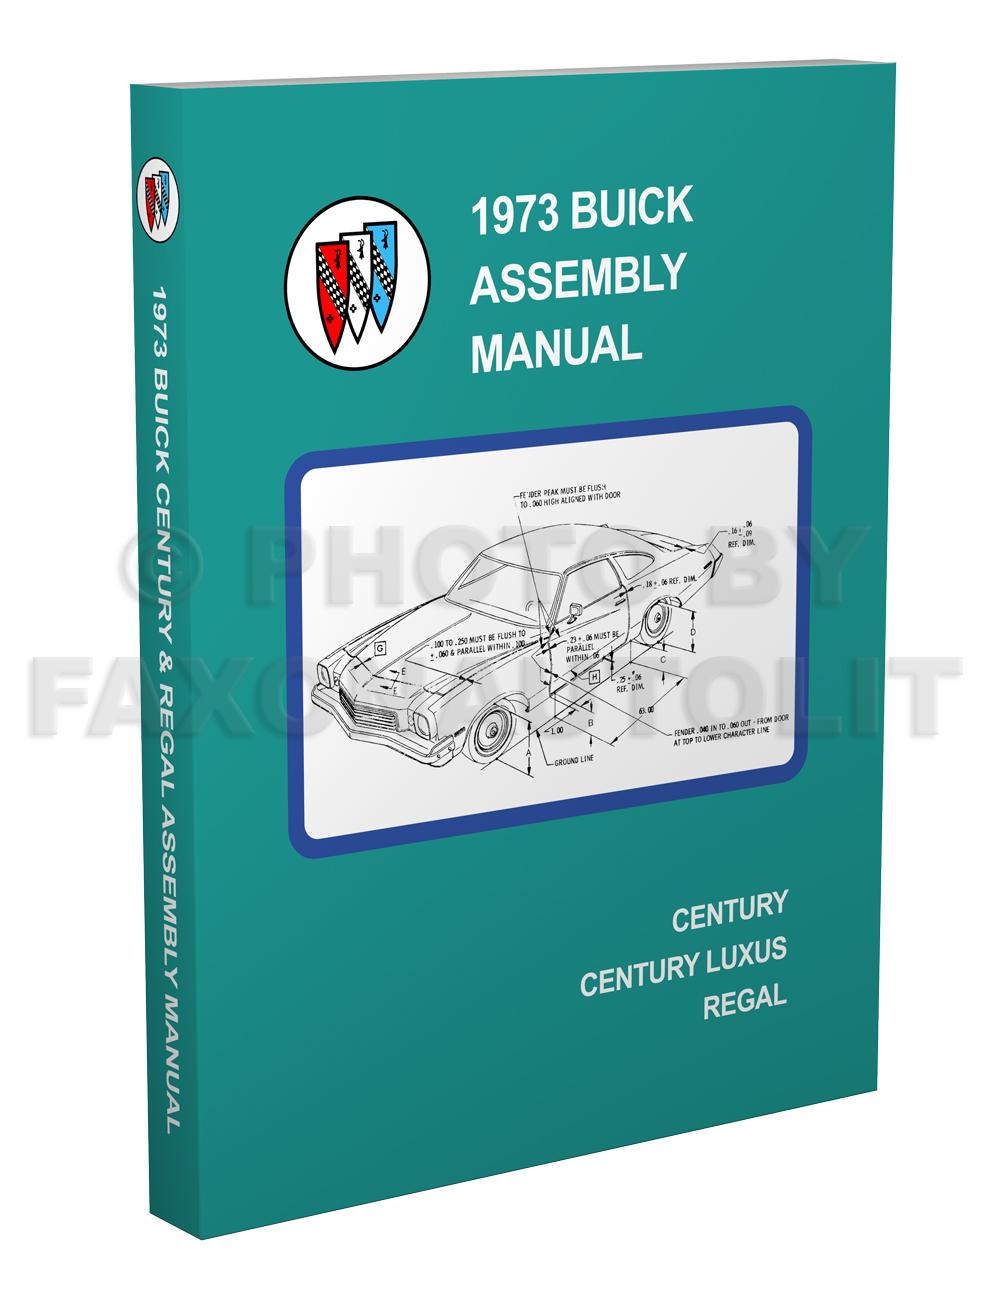 buick century luxus engine diagram wiring diagram ebook